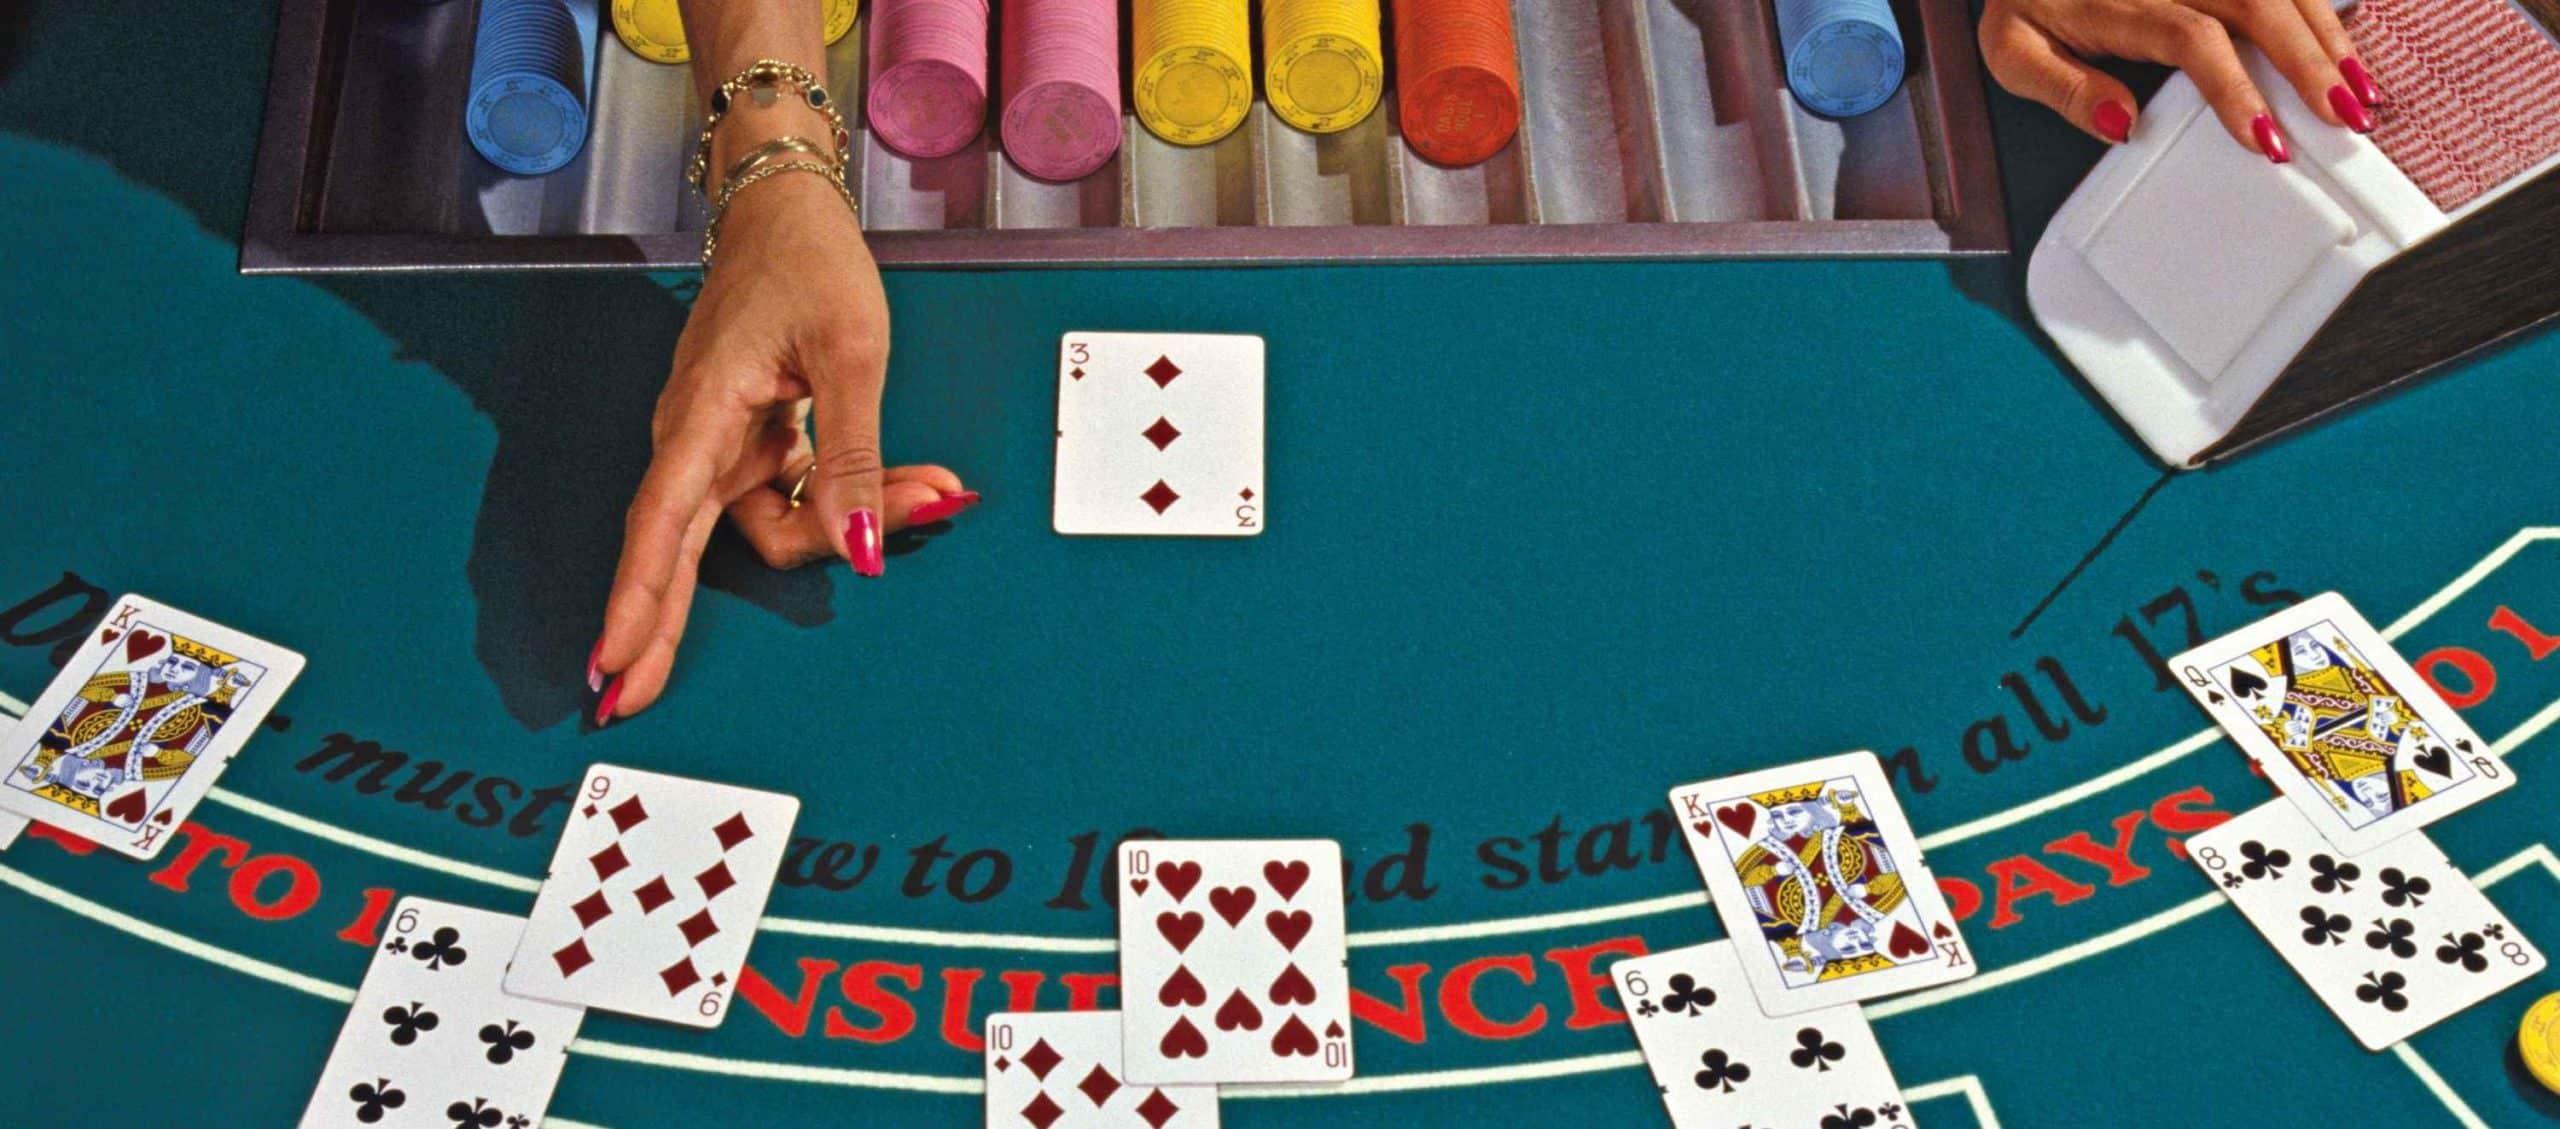 Blackjack, beaucoup d'amusement dans ce jeu de cartes